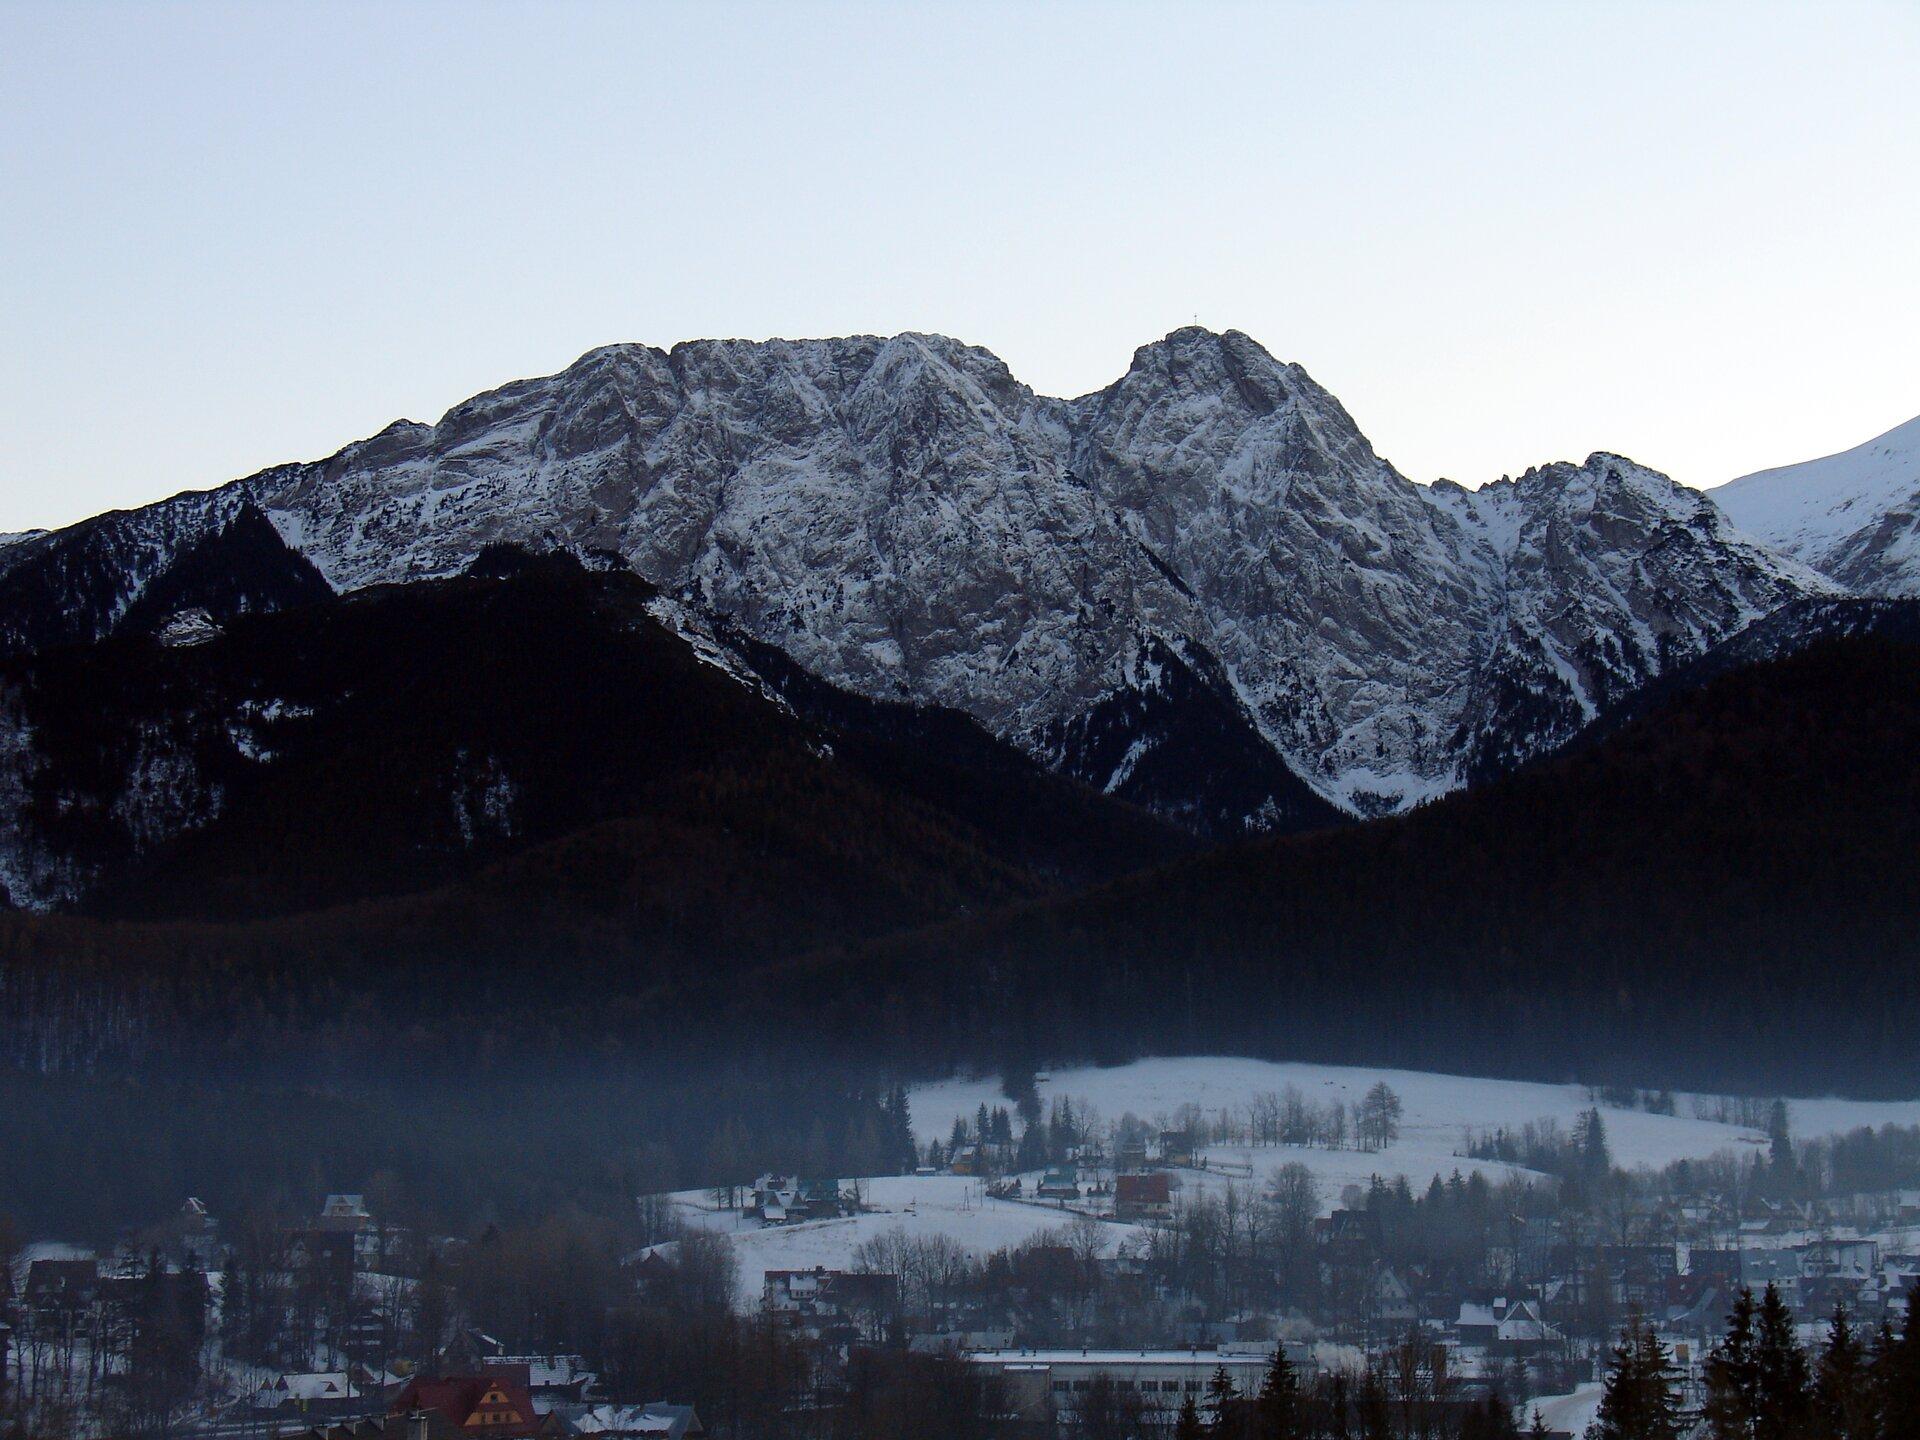 Fotografia prezentuje ośnieżony szczyt górski, Giewont, który swoim kształtem przypomina głowę śpiącego rycerza.